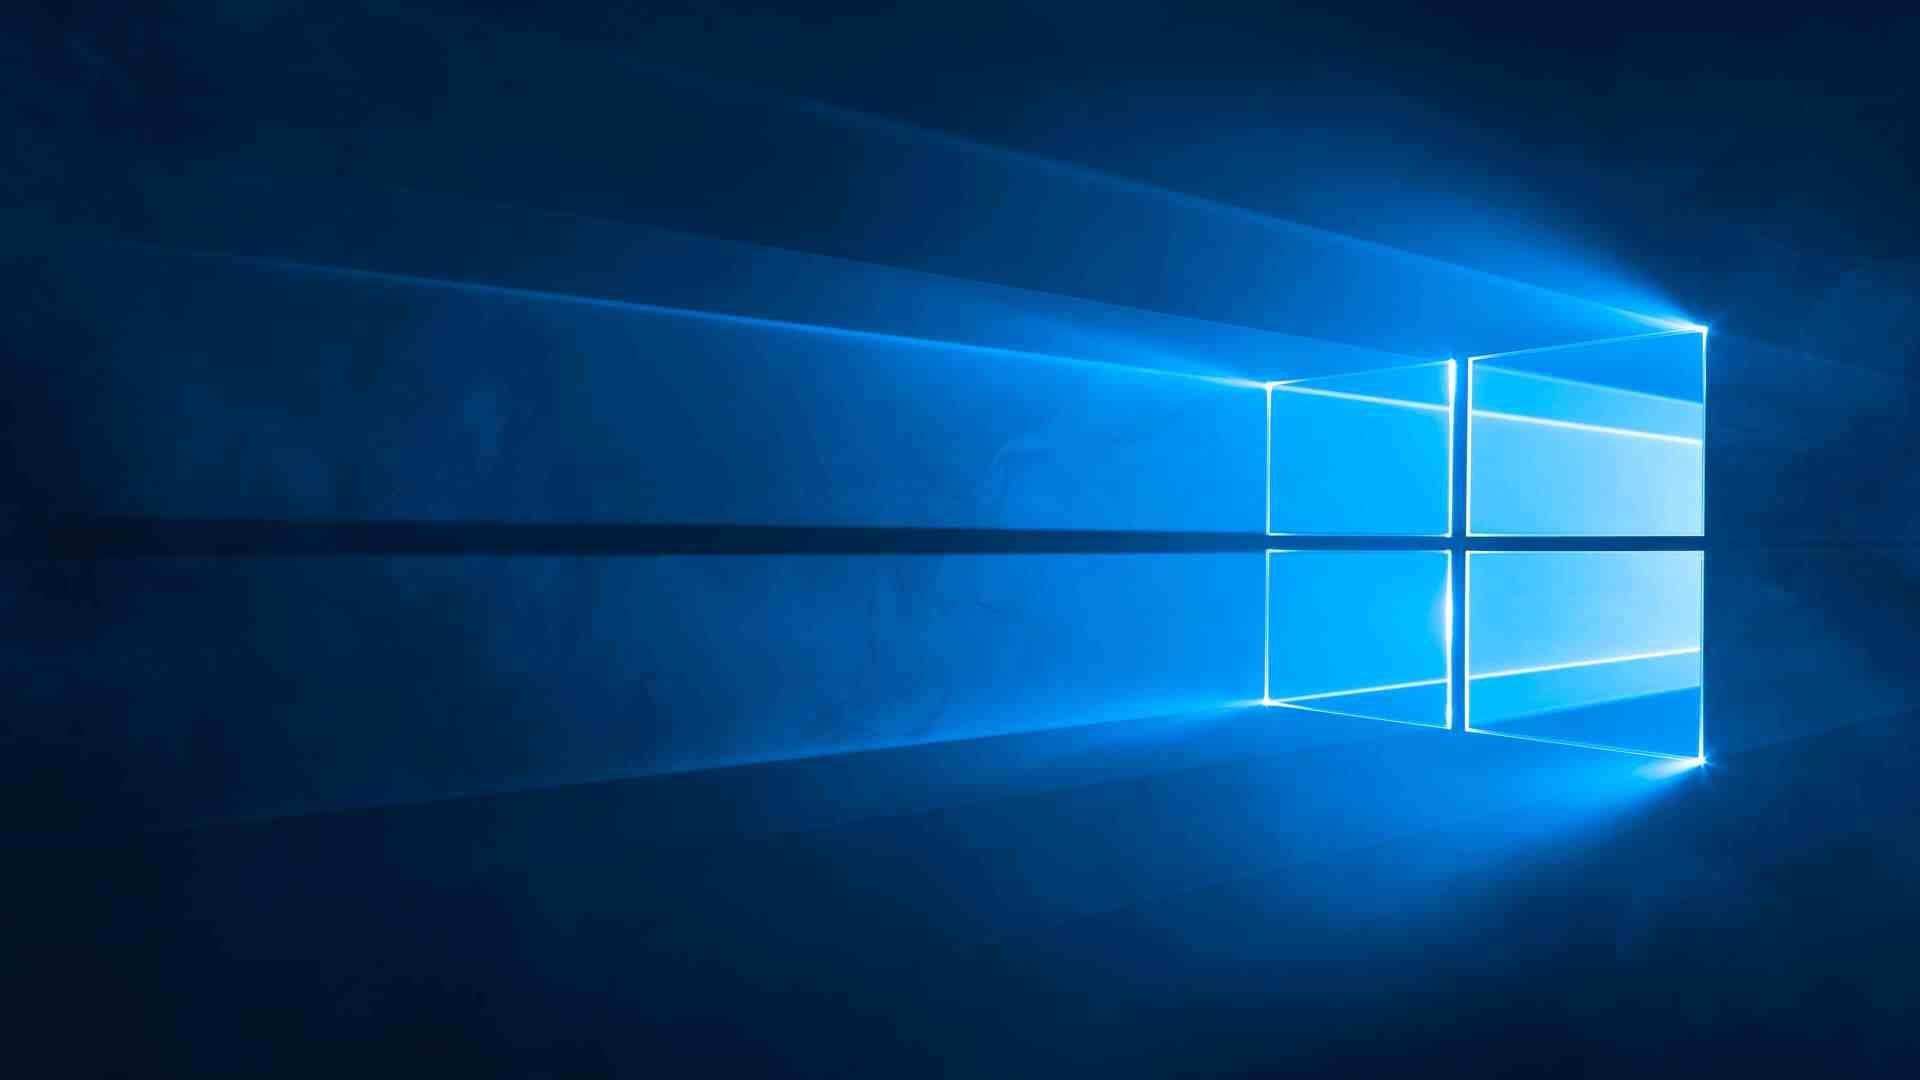 تسريب صورة من بناء ل Windows 10 داخل شركة Microsoft تكشف عن قائمة ابدأ جديدة.